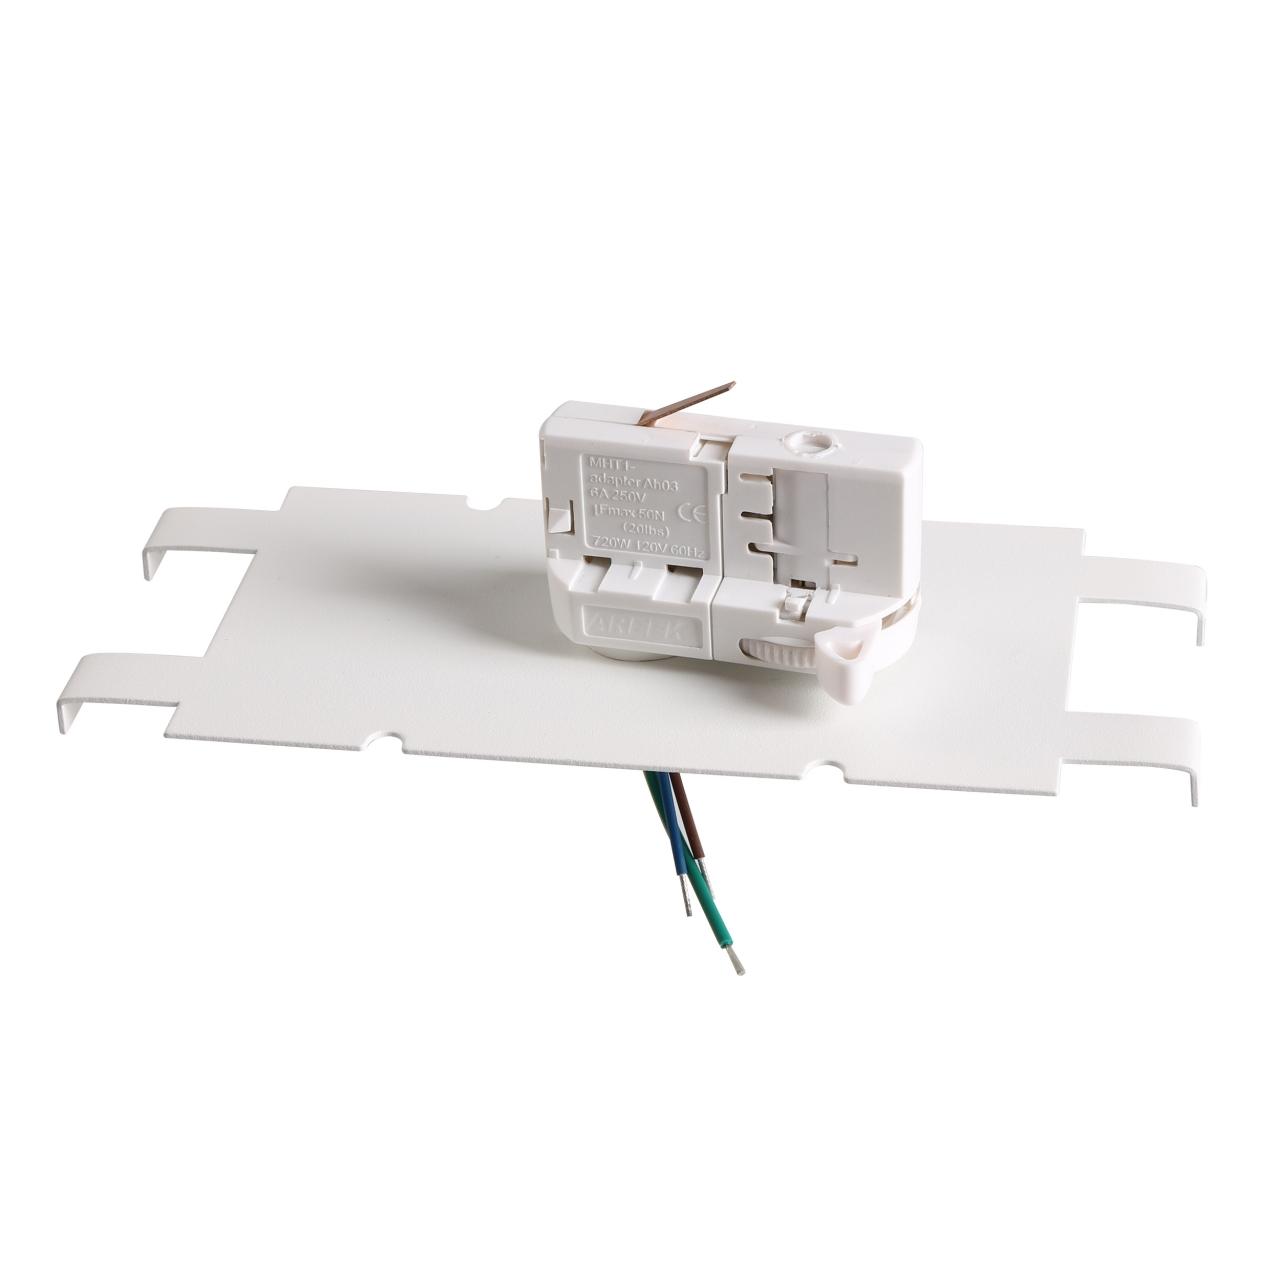 Трековое крепление Asta с 3-фазным адаптером к 05122x/05132x белый Lightstar 594046